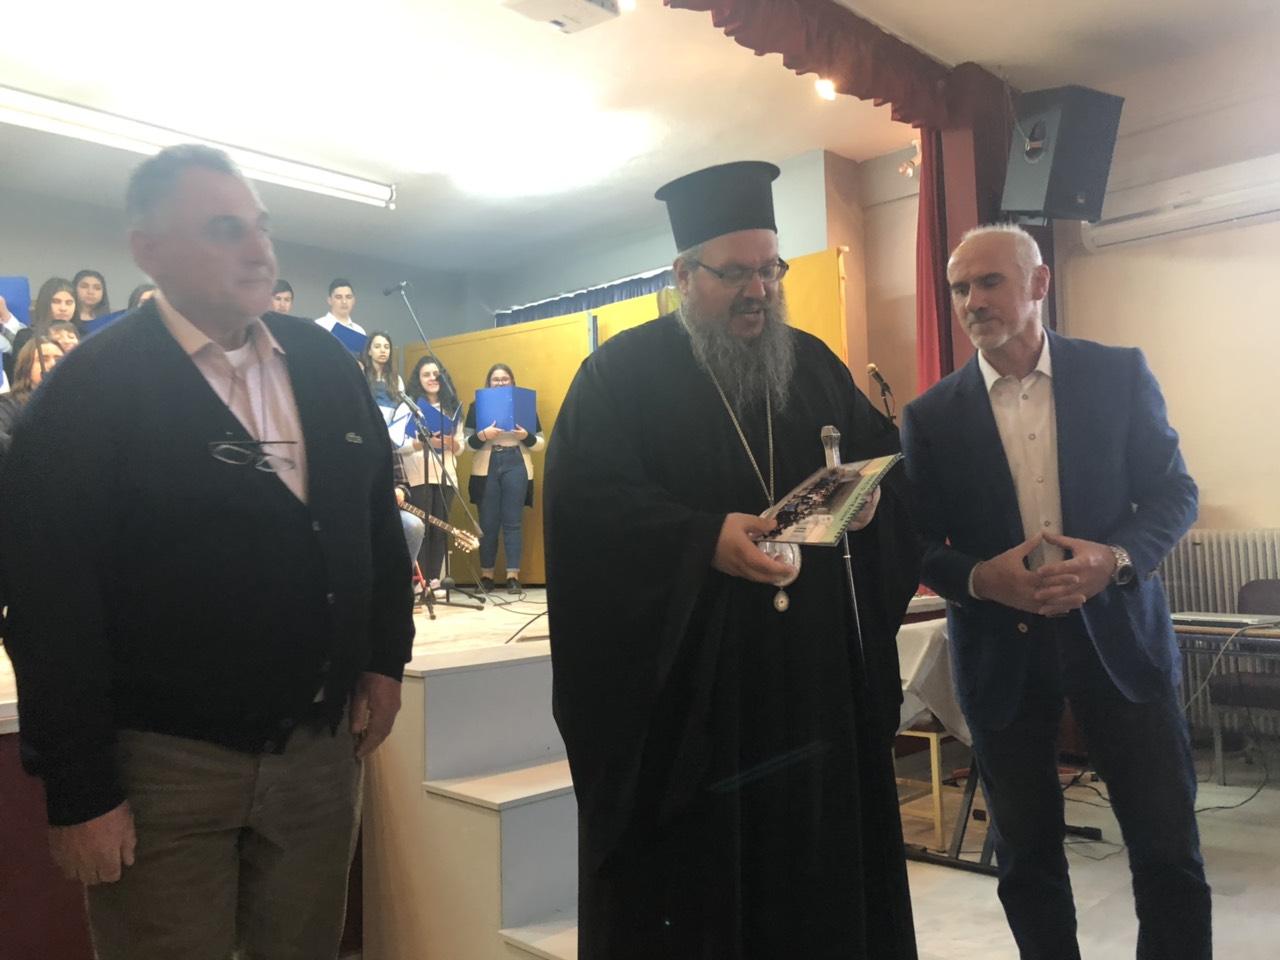 gymnasio ampelona 7 - Ο Σεβασμιώτατος επισκέφθηκε το Γυμνάσιο Αμπελώνα (φωτο)